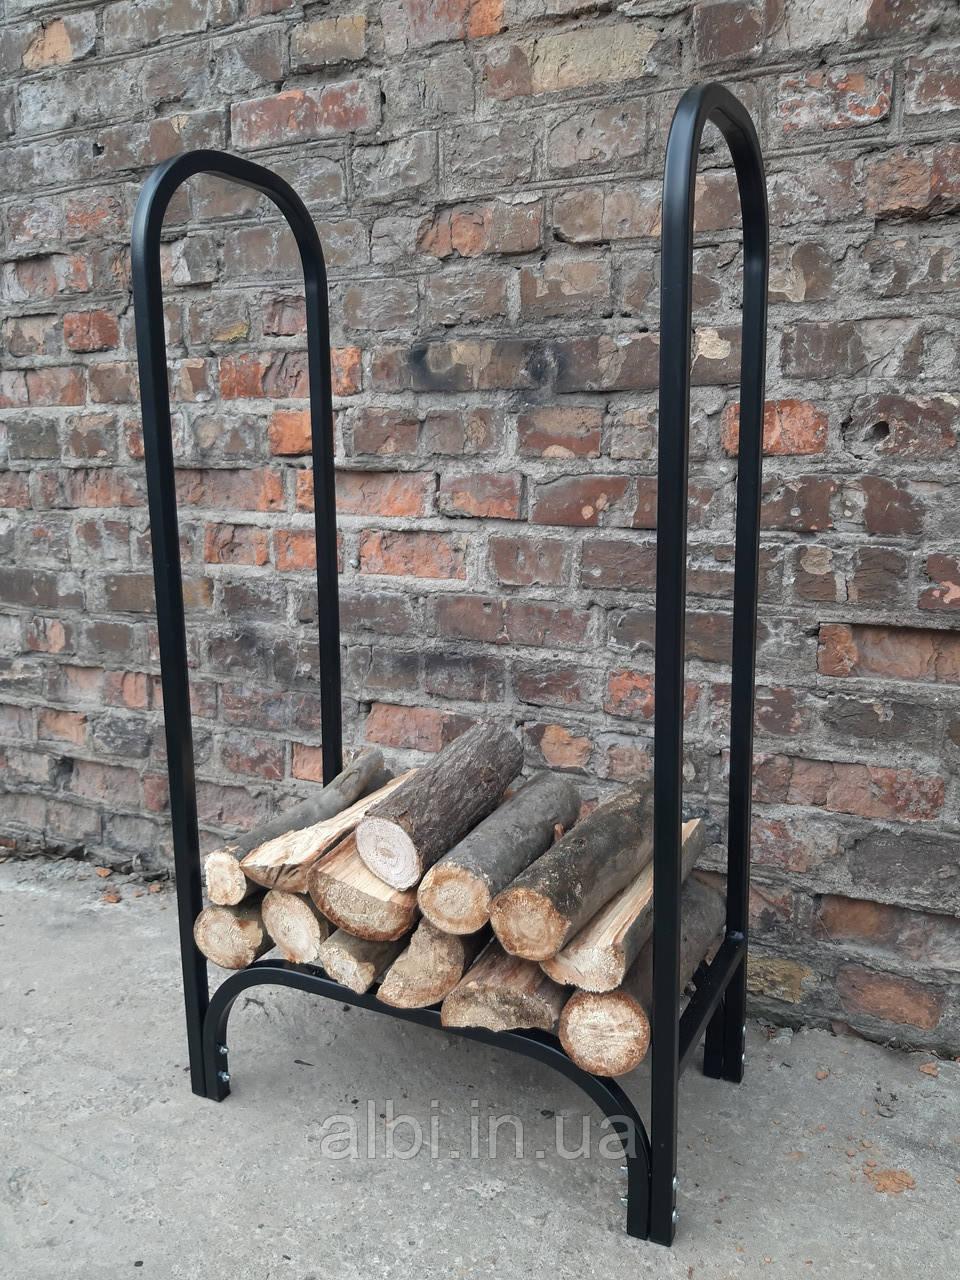 Дровница металлическая для дров разборная 0,5 м